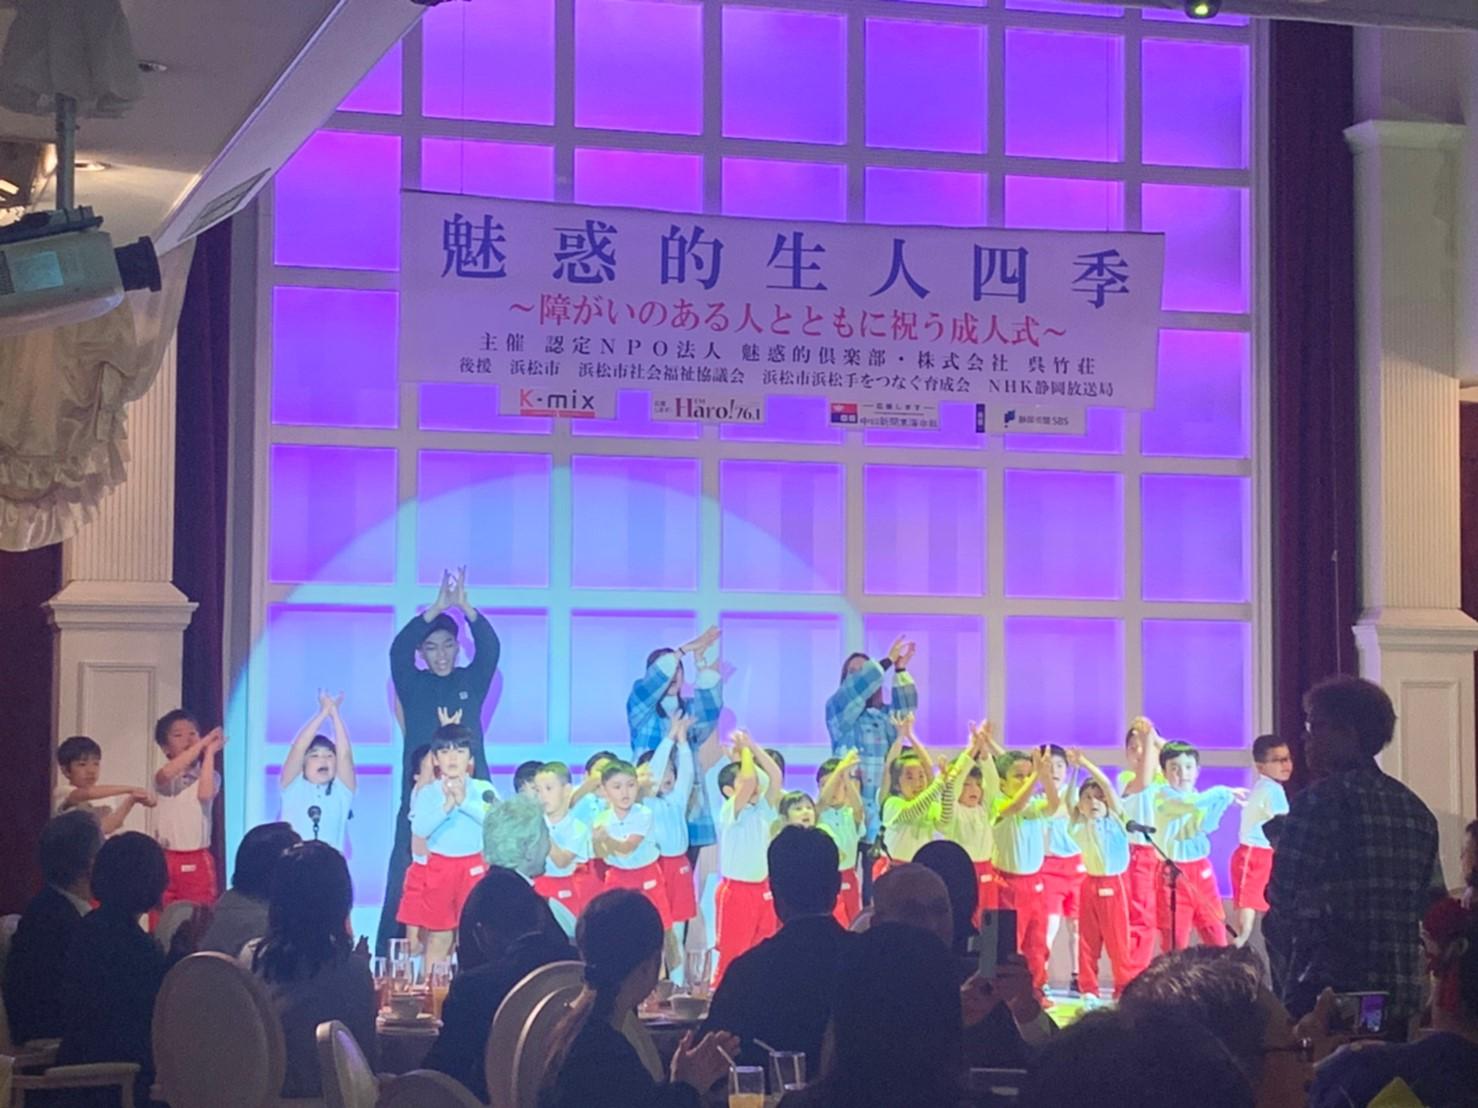 子ども達も歌とダンスでお祝いしてくれました!